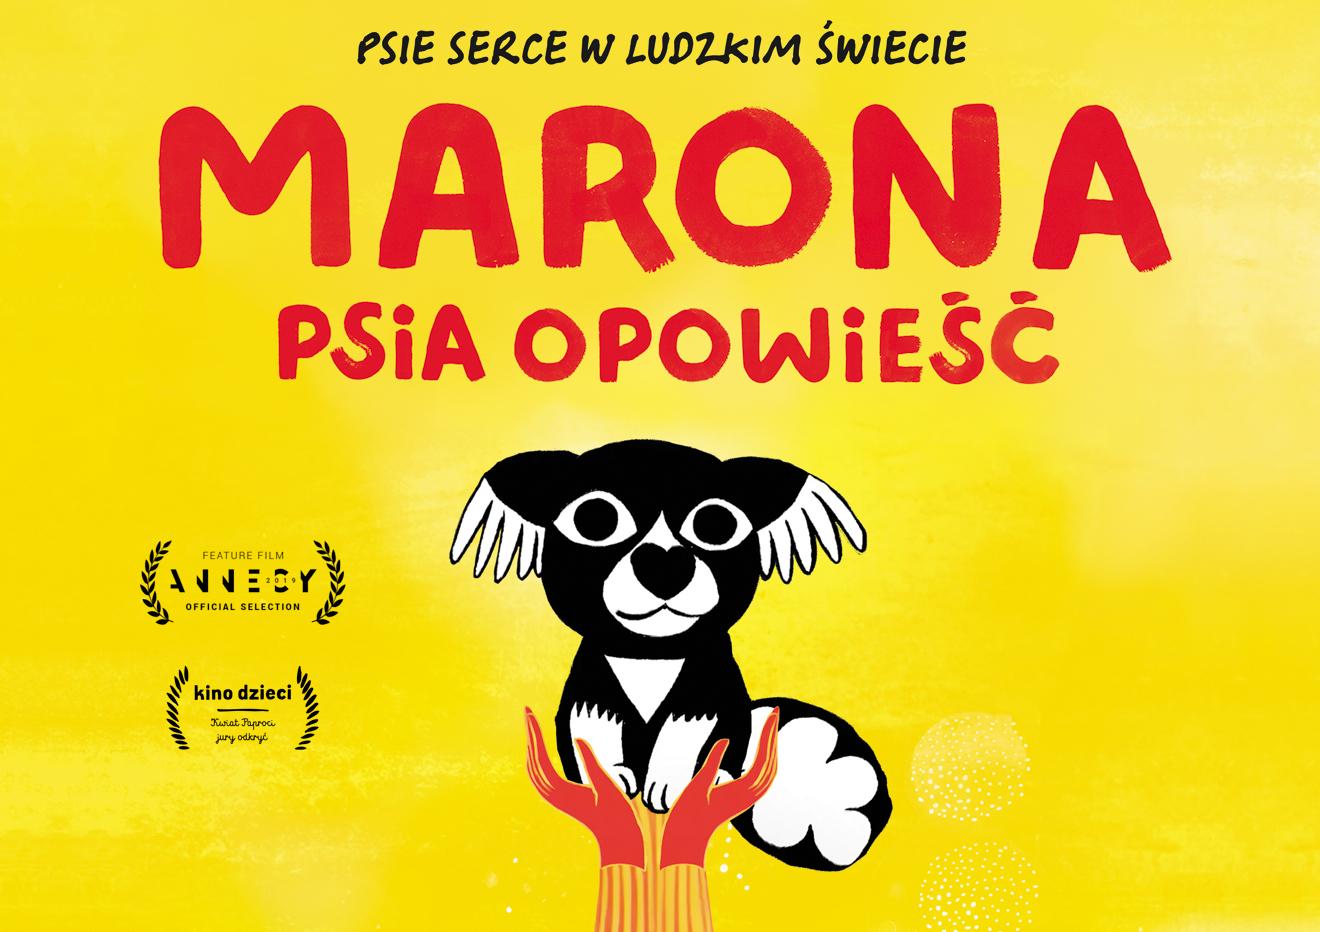 Marona psia opowieść plakat